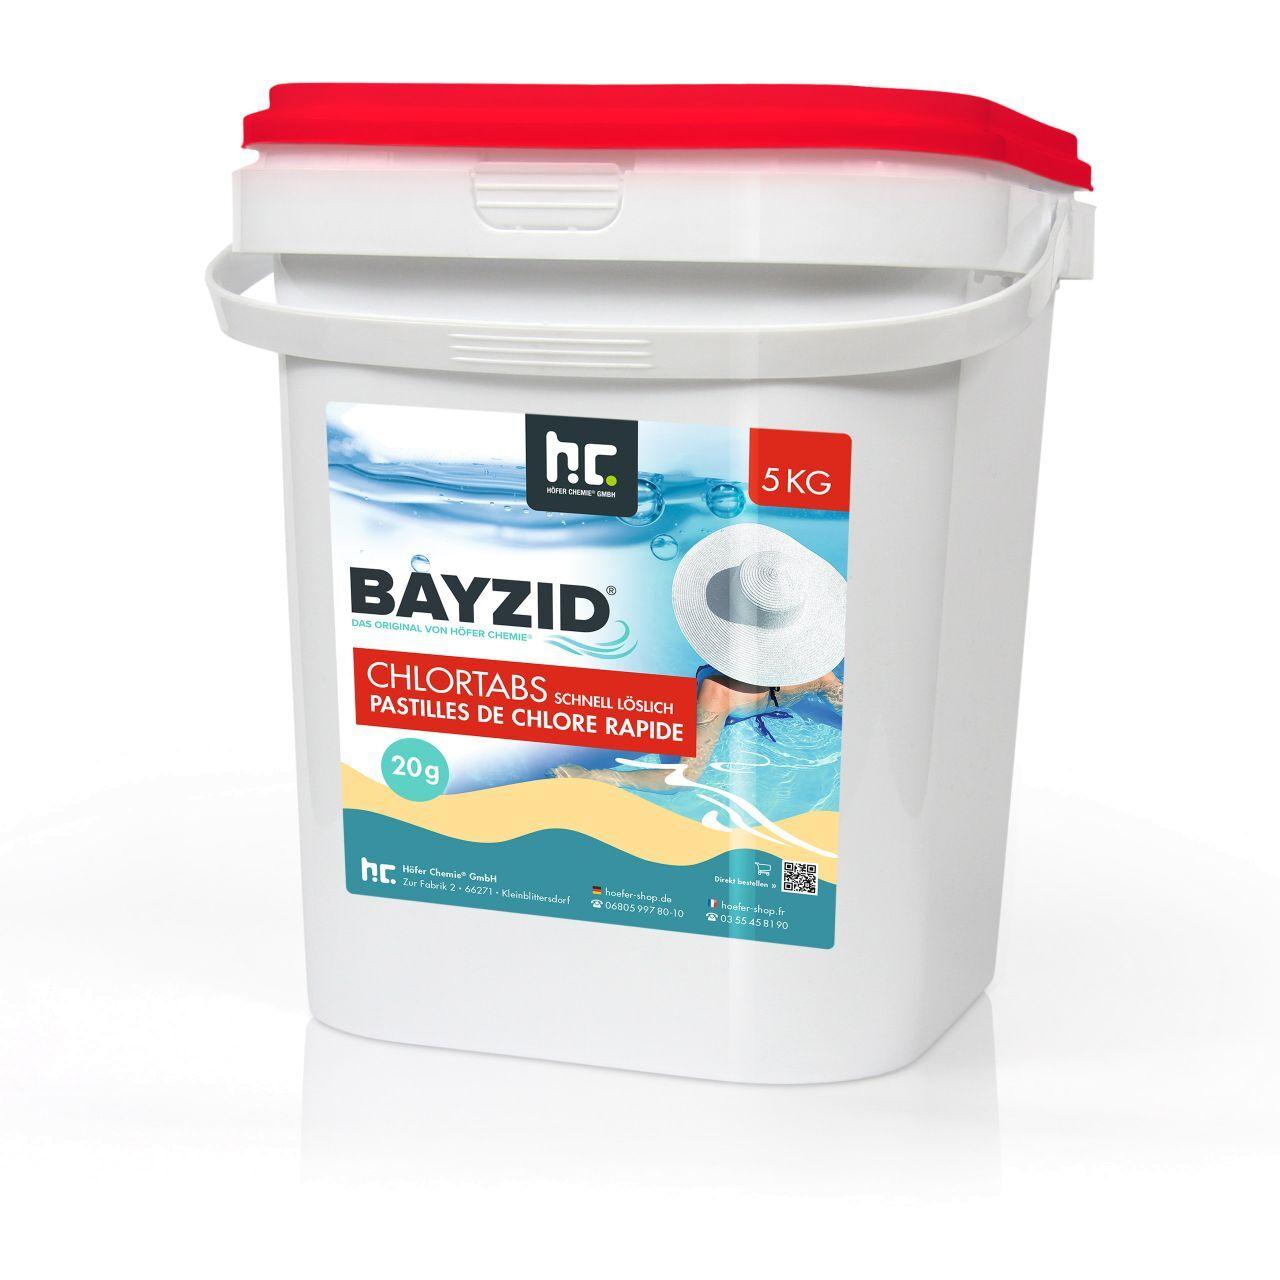 BAYZID 5 kg Bayzid® Pastilles de chlore choc (20g) (1 x 5 kg)